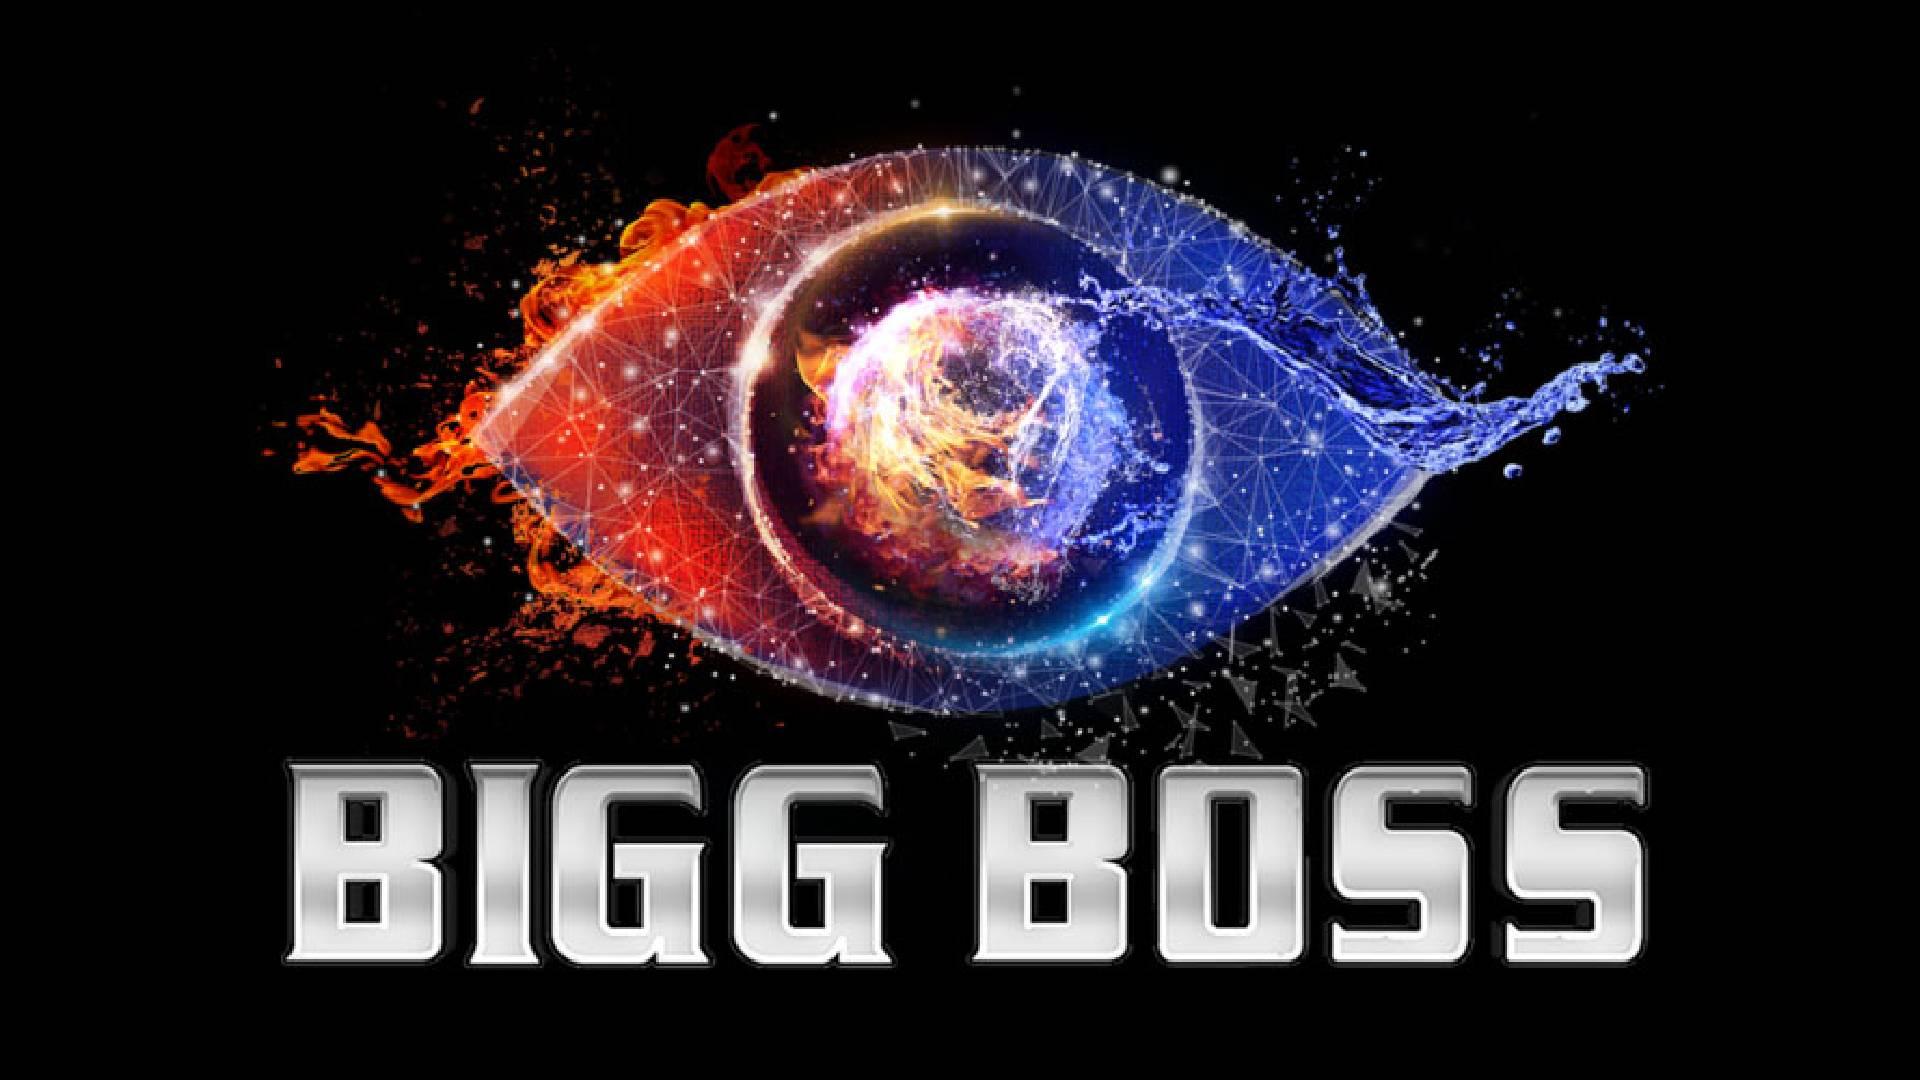 Bigg Boss 13: कोएना मित्रा से लेकर देवोलीना तक, घर में कैद होंगे ये सेलेब्स, जानें कंटेस्टेंट की कंफर्म लिस्ट